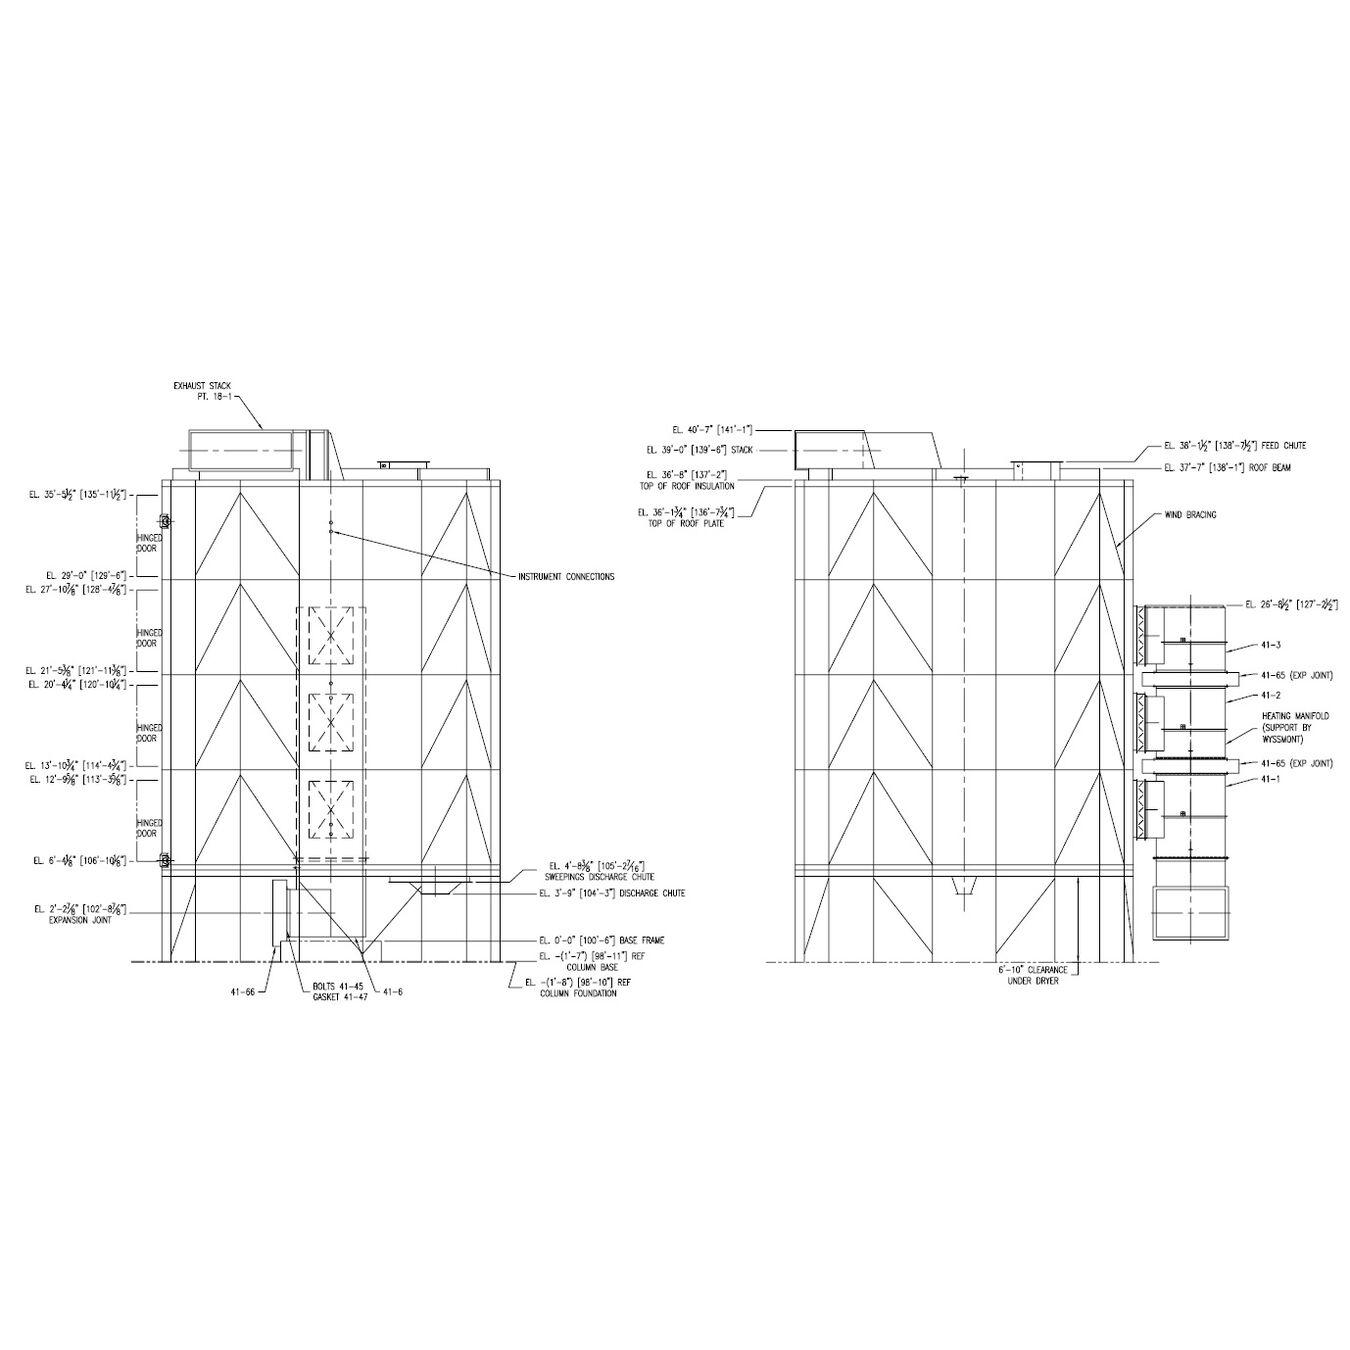 USED WYSSMONT TURBO-Dryer Package Model V37, SN J-525 for